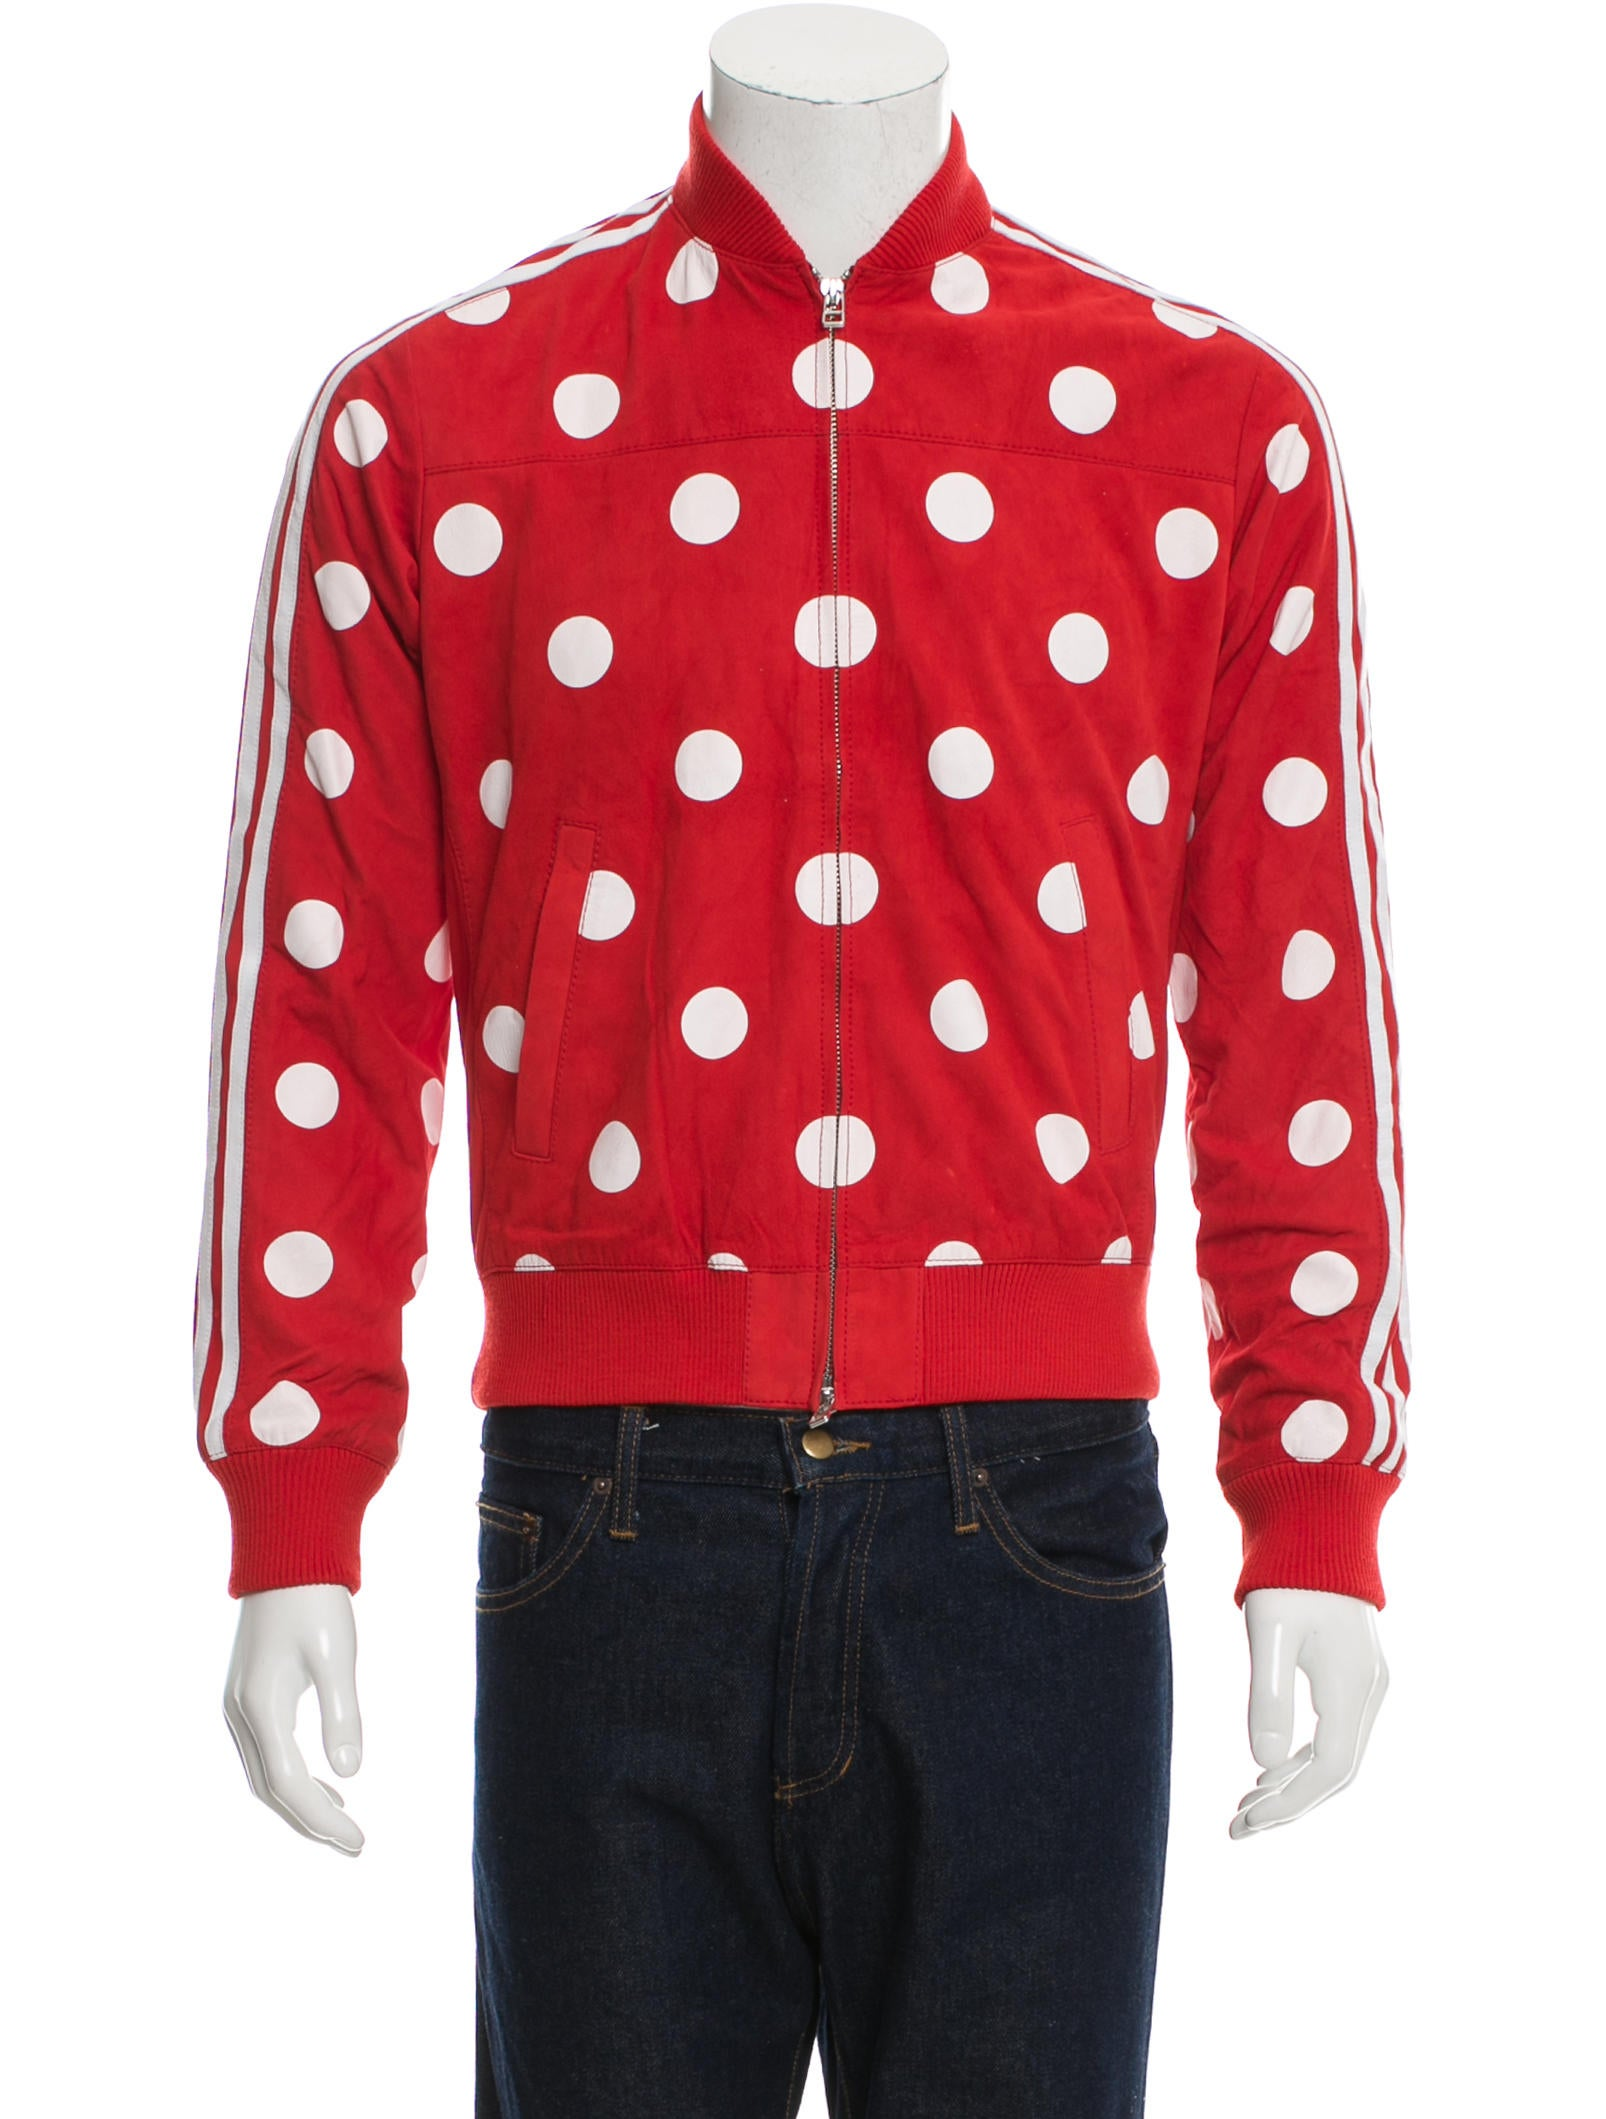 8e8fe7a9d9b8e Adidas Polka Dot Pants Mens